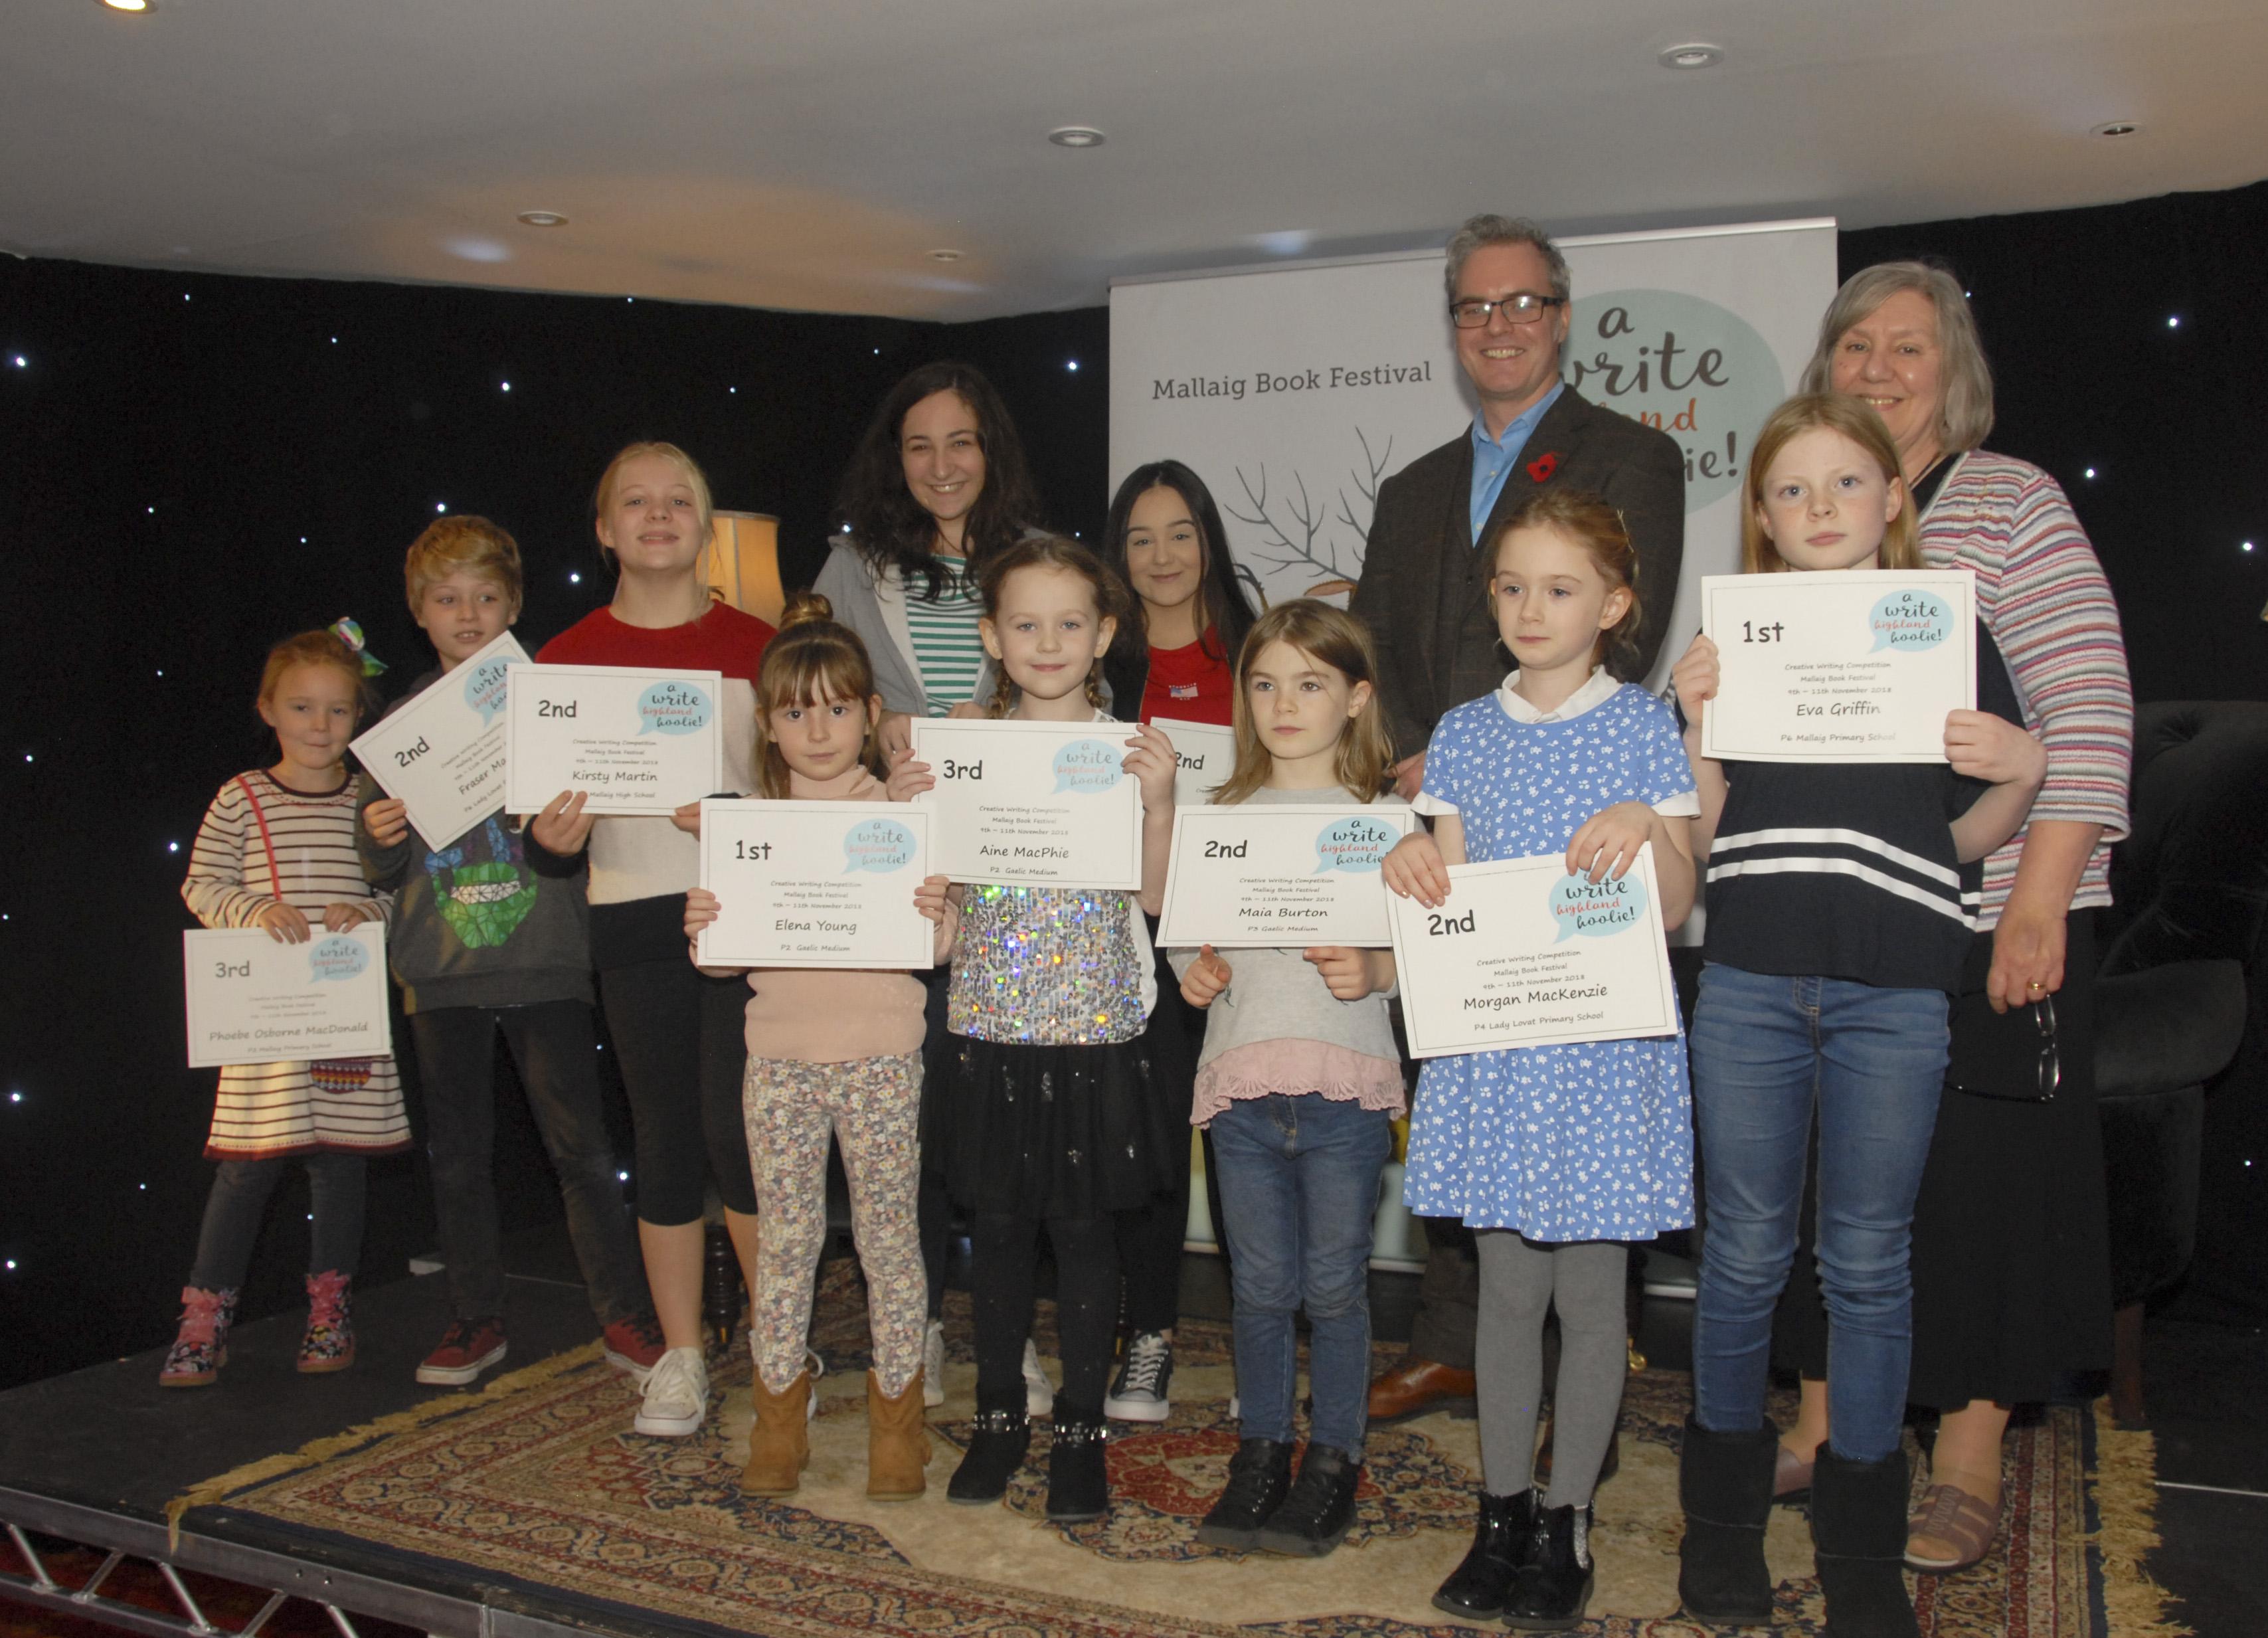 Prize winners 1